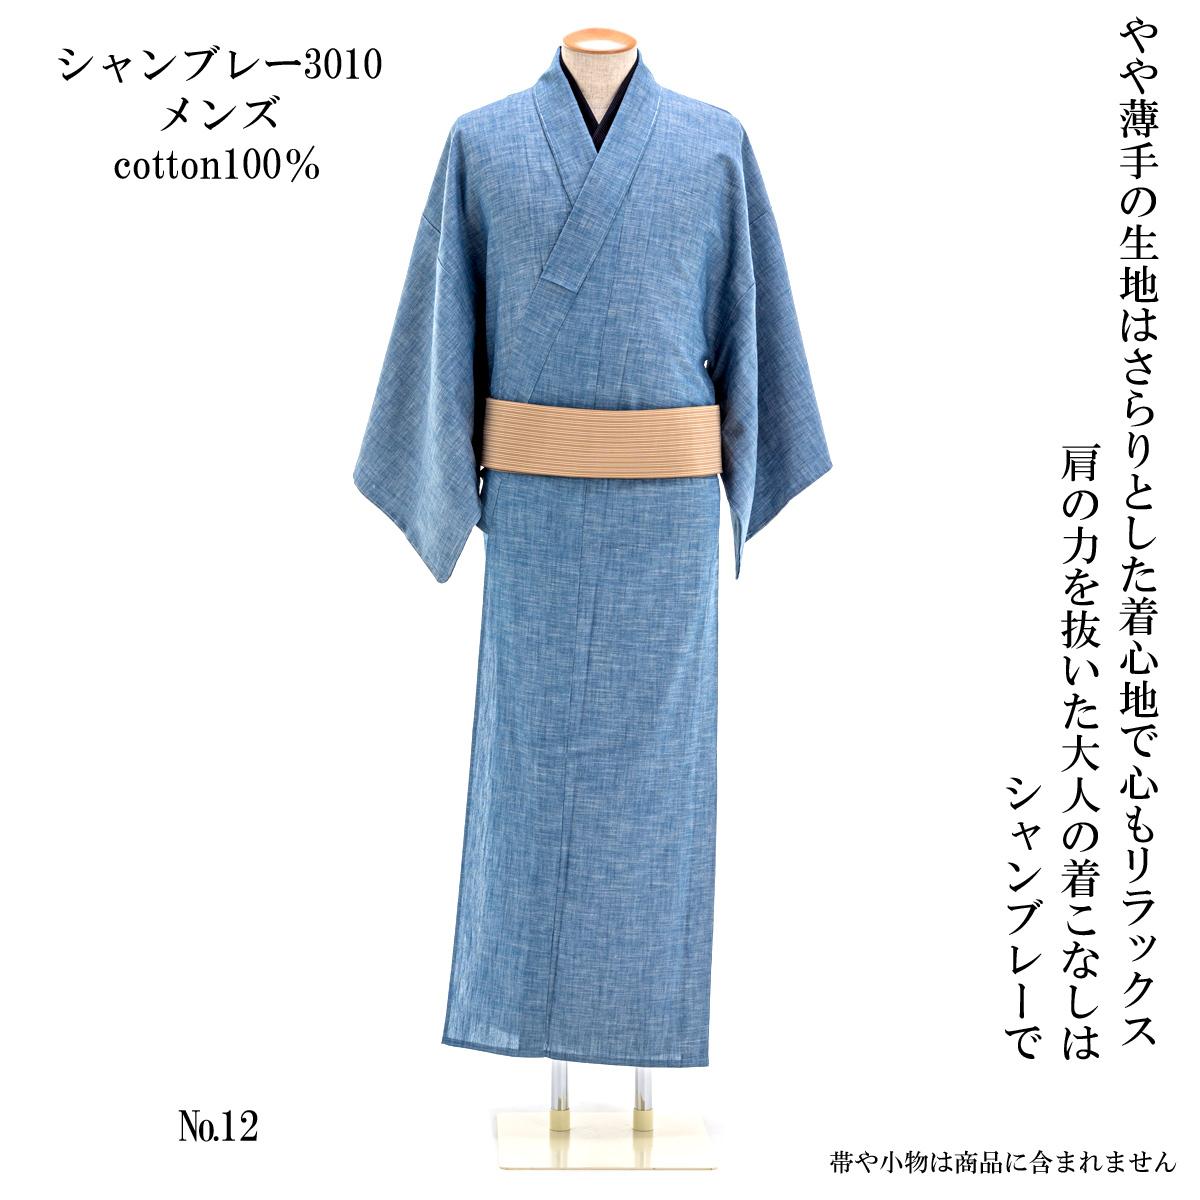 デニム着物 メンズ シャンブレー No.12 ブルー 坂本デニム 綿100%